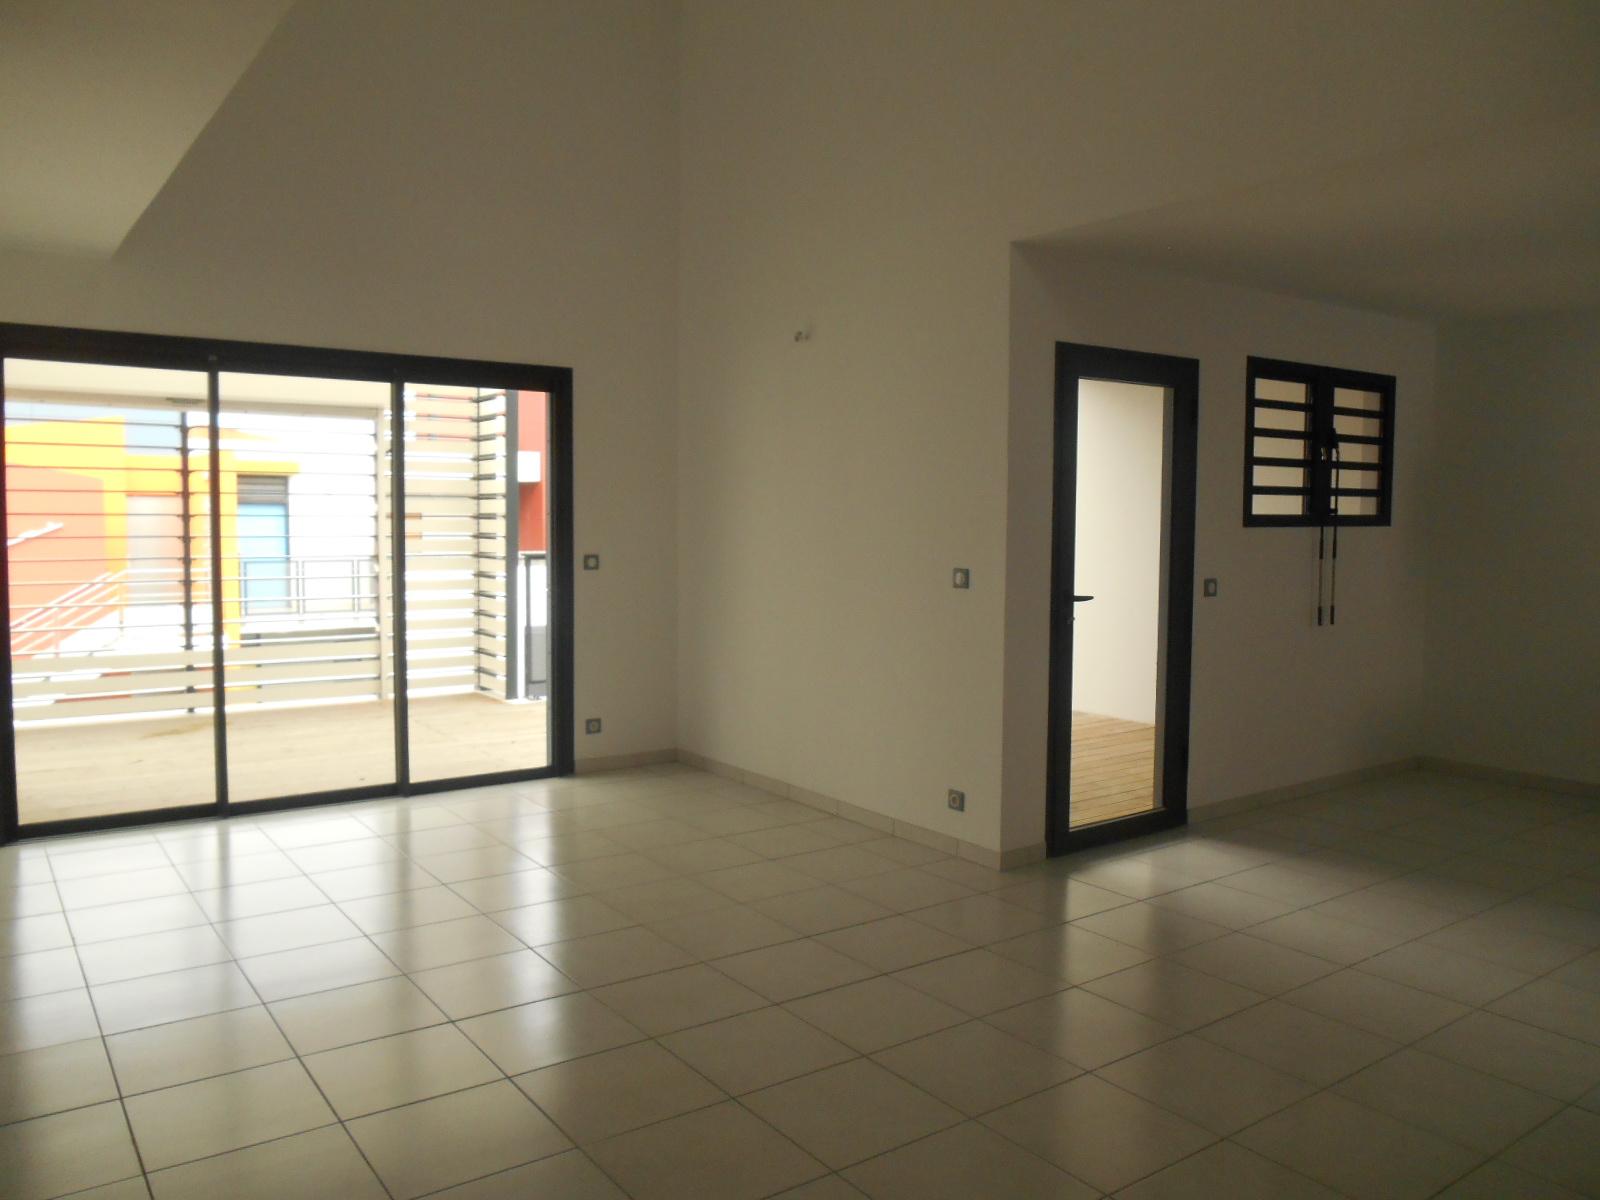 Location appartement t4 saint pierre 97410 r union sud for Achat appartement t4